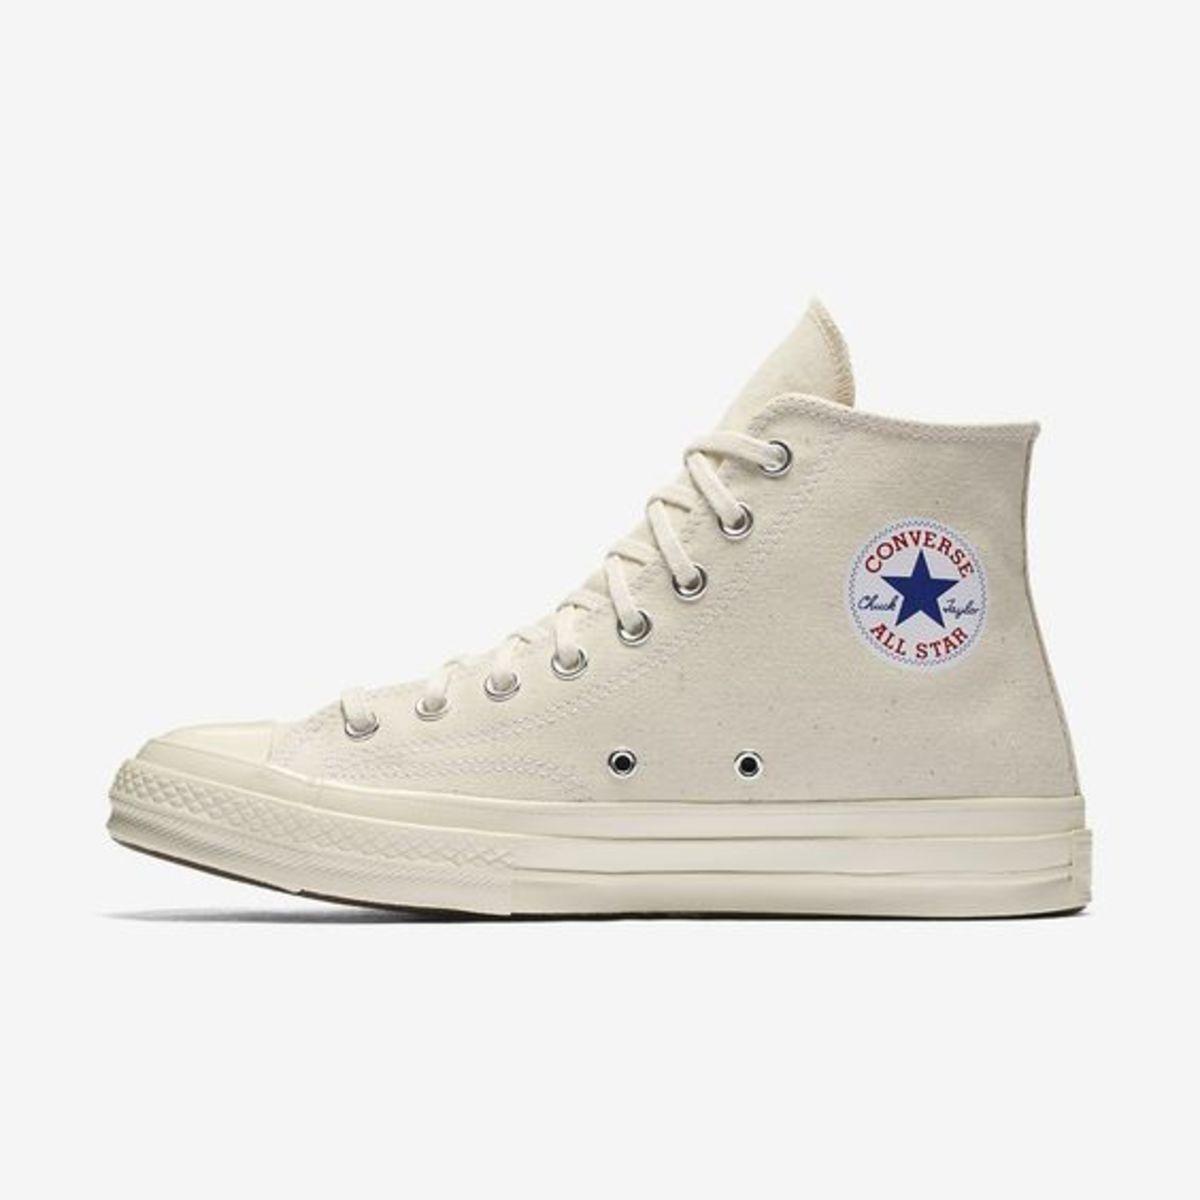 Converse, $85